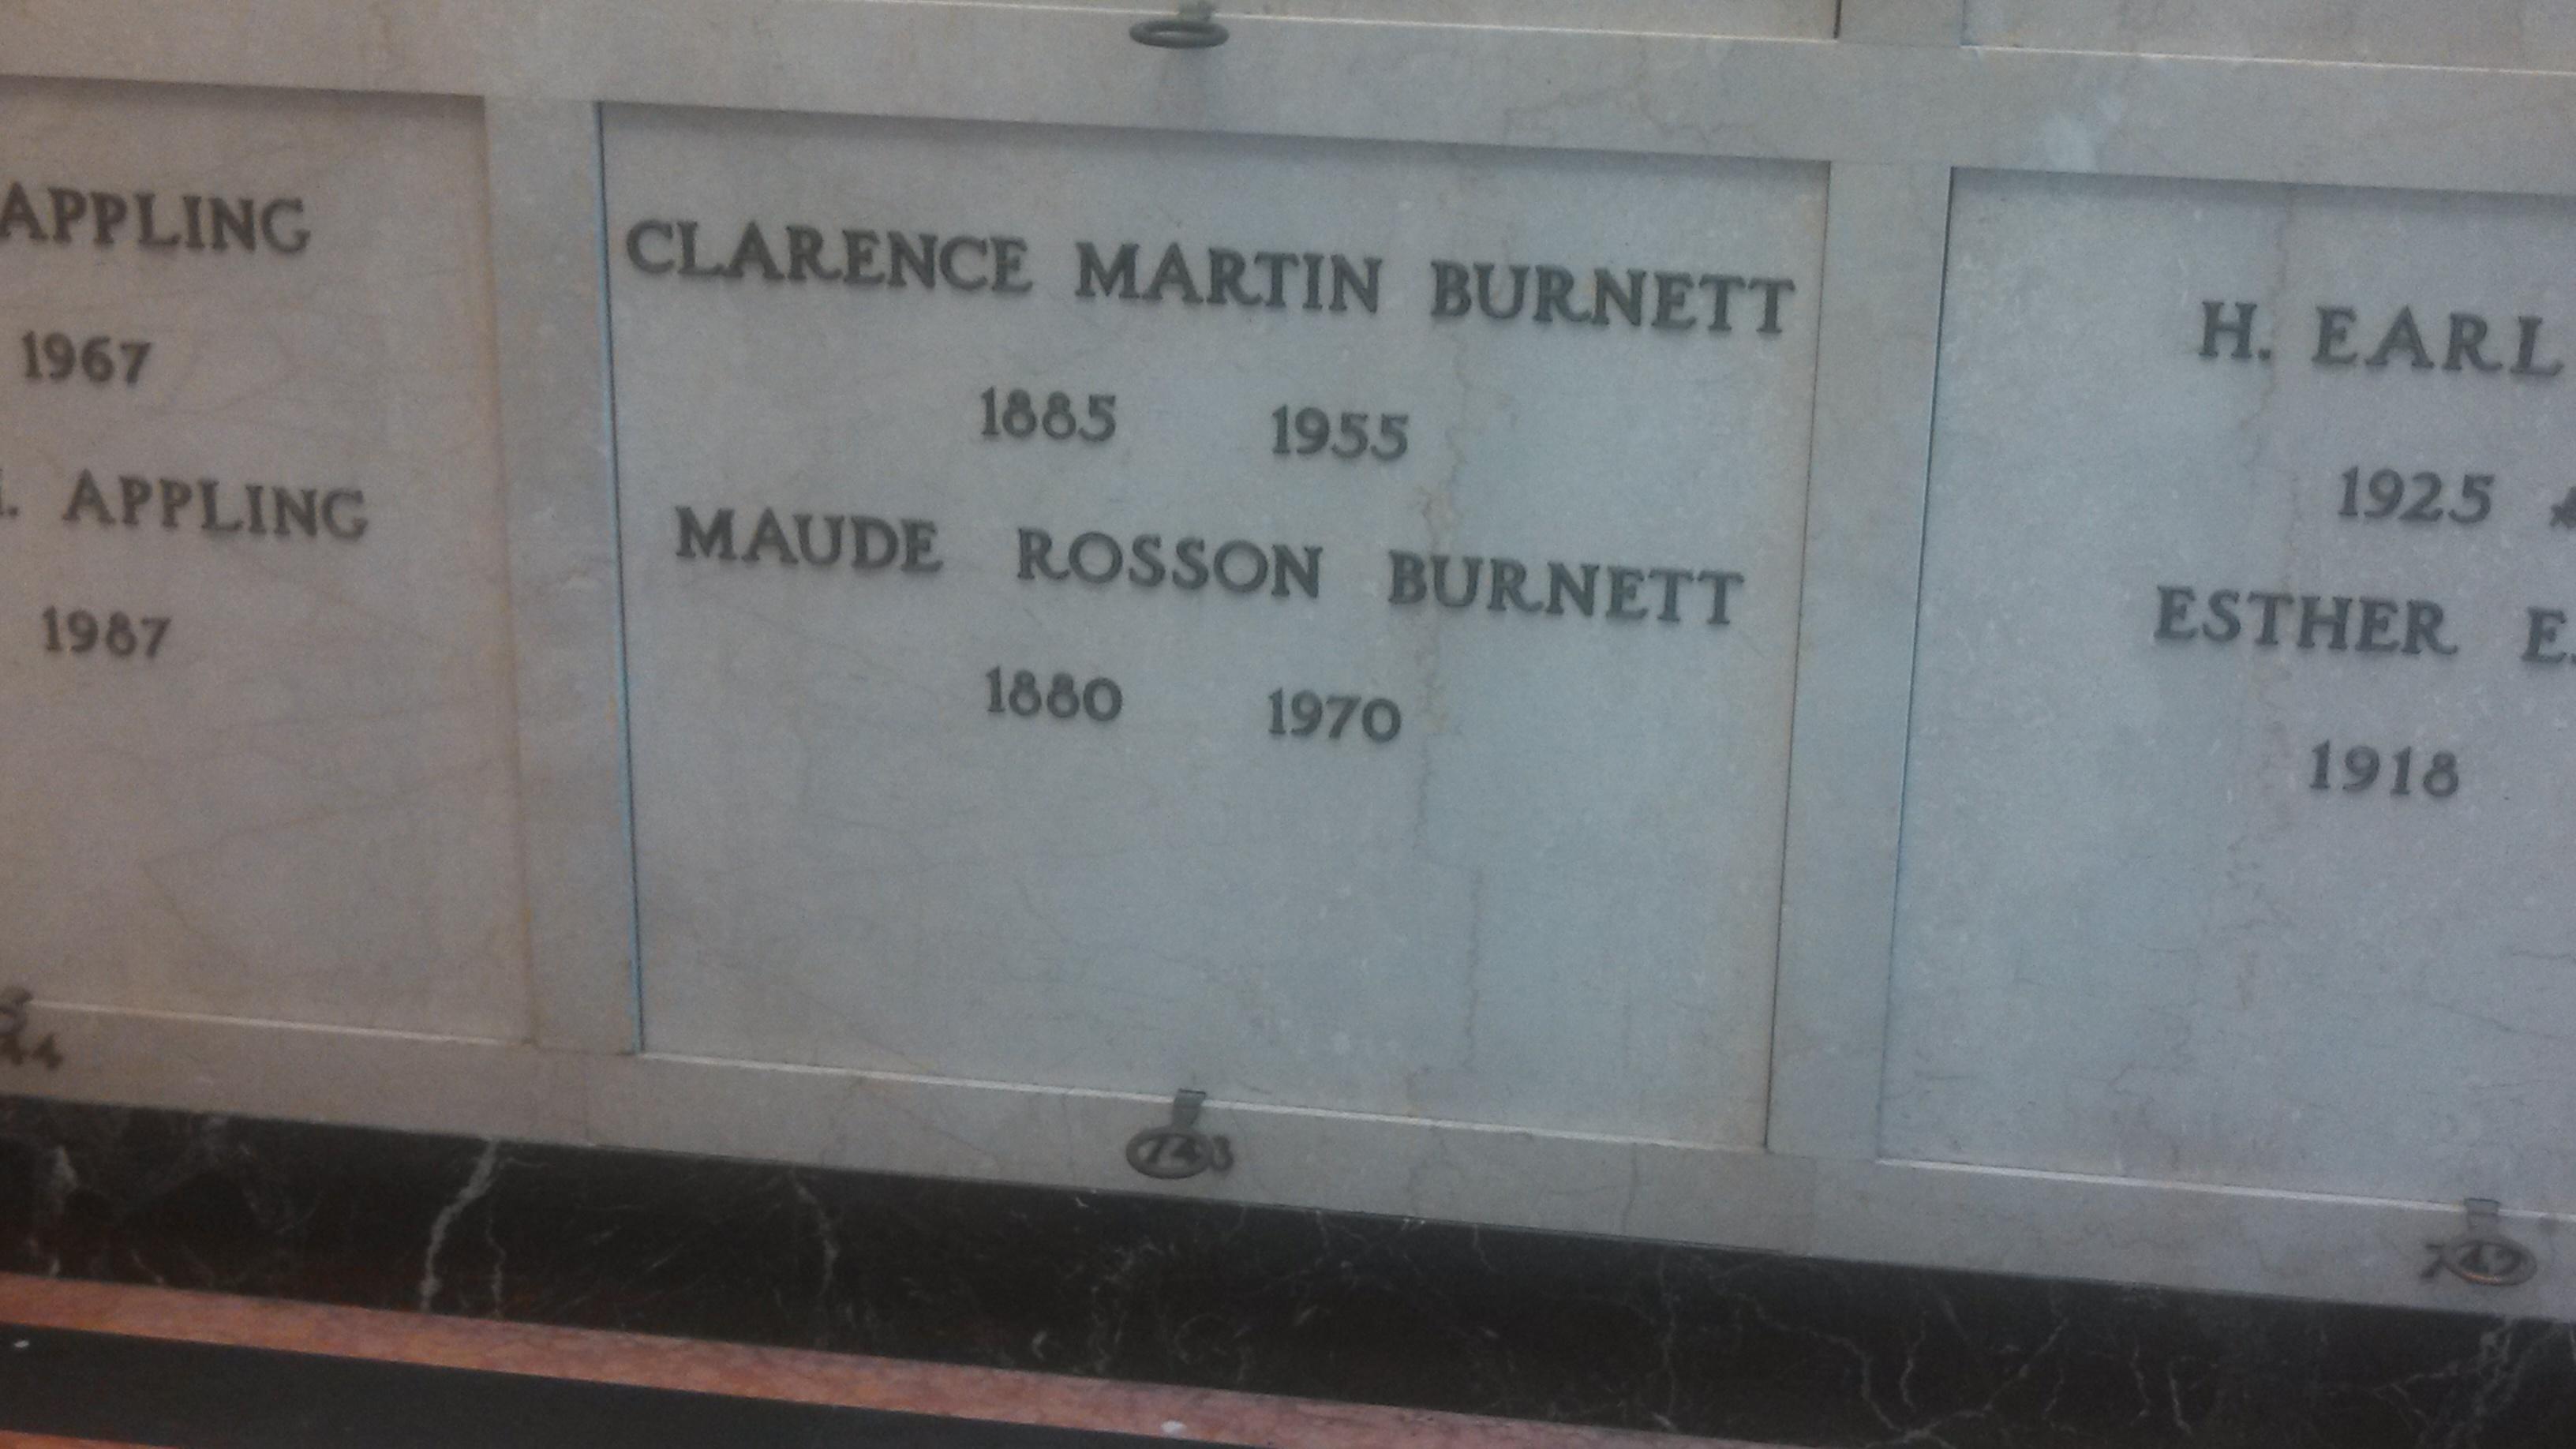 Clarence Martin Burnett